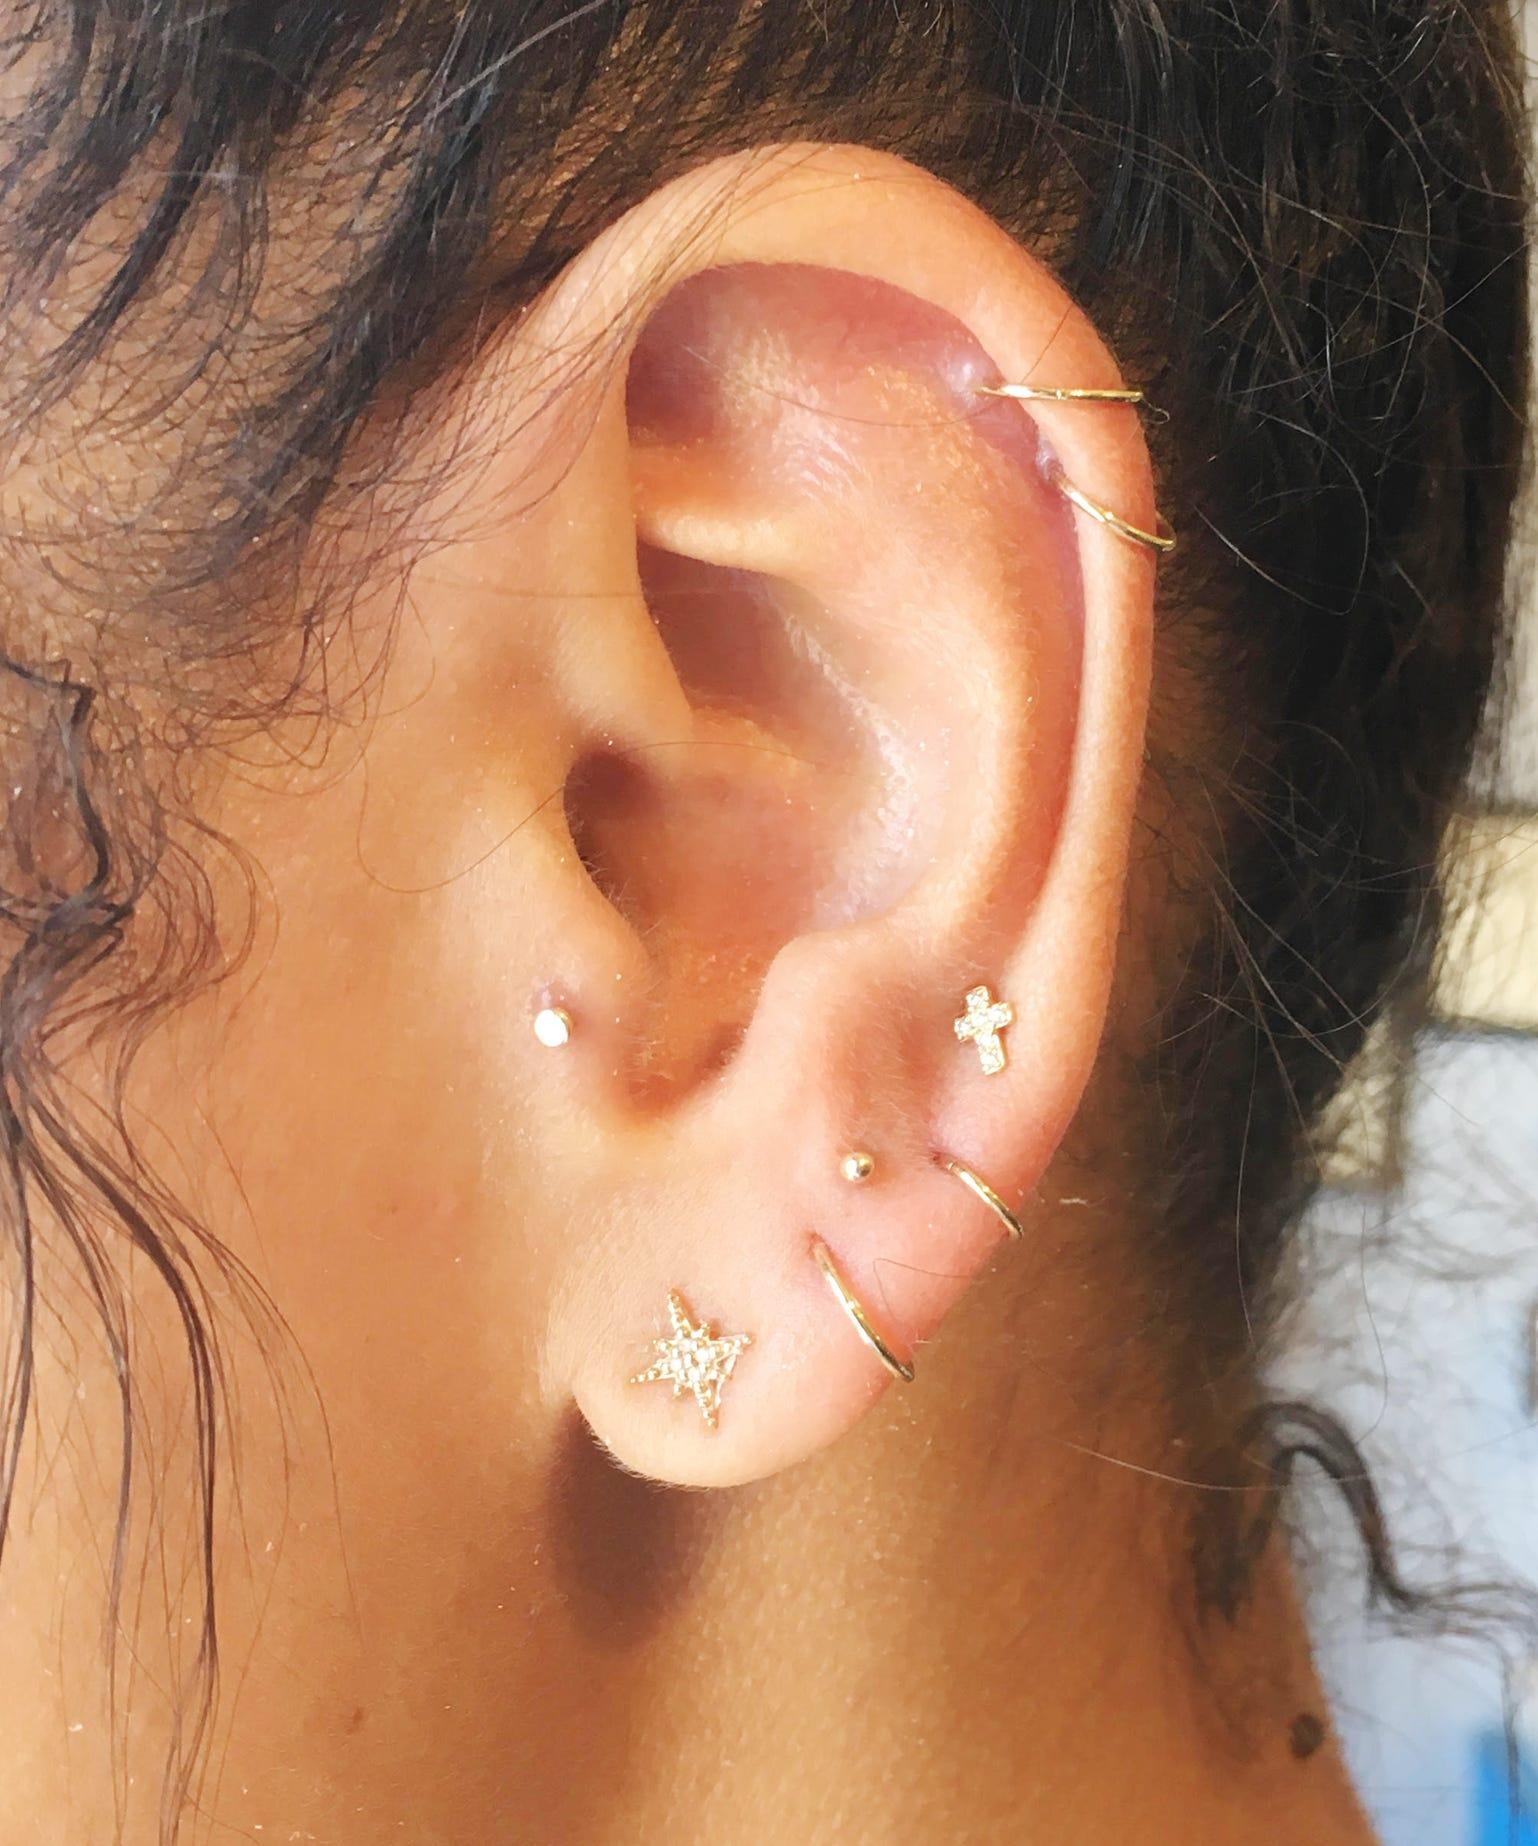 Constellations Ear Piercing Star Jewelry Trend Ear Piercings